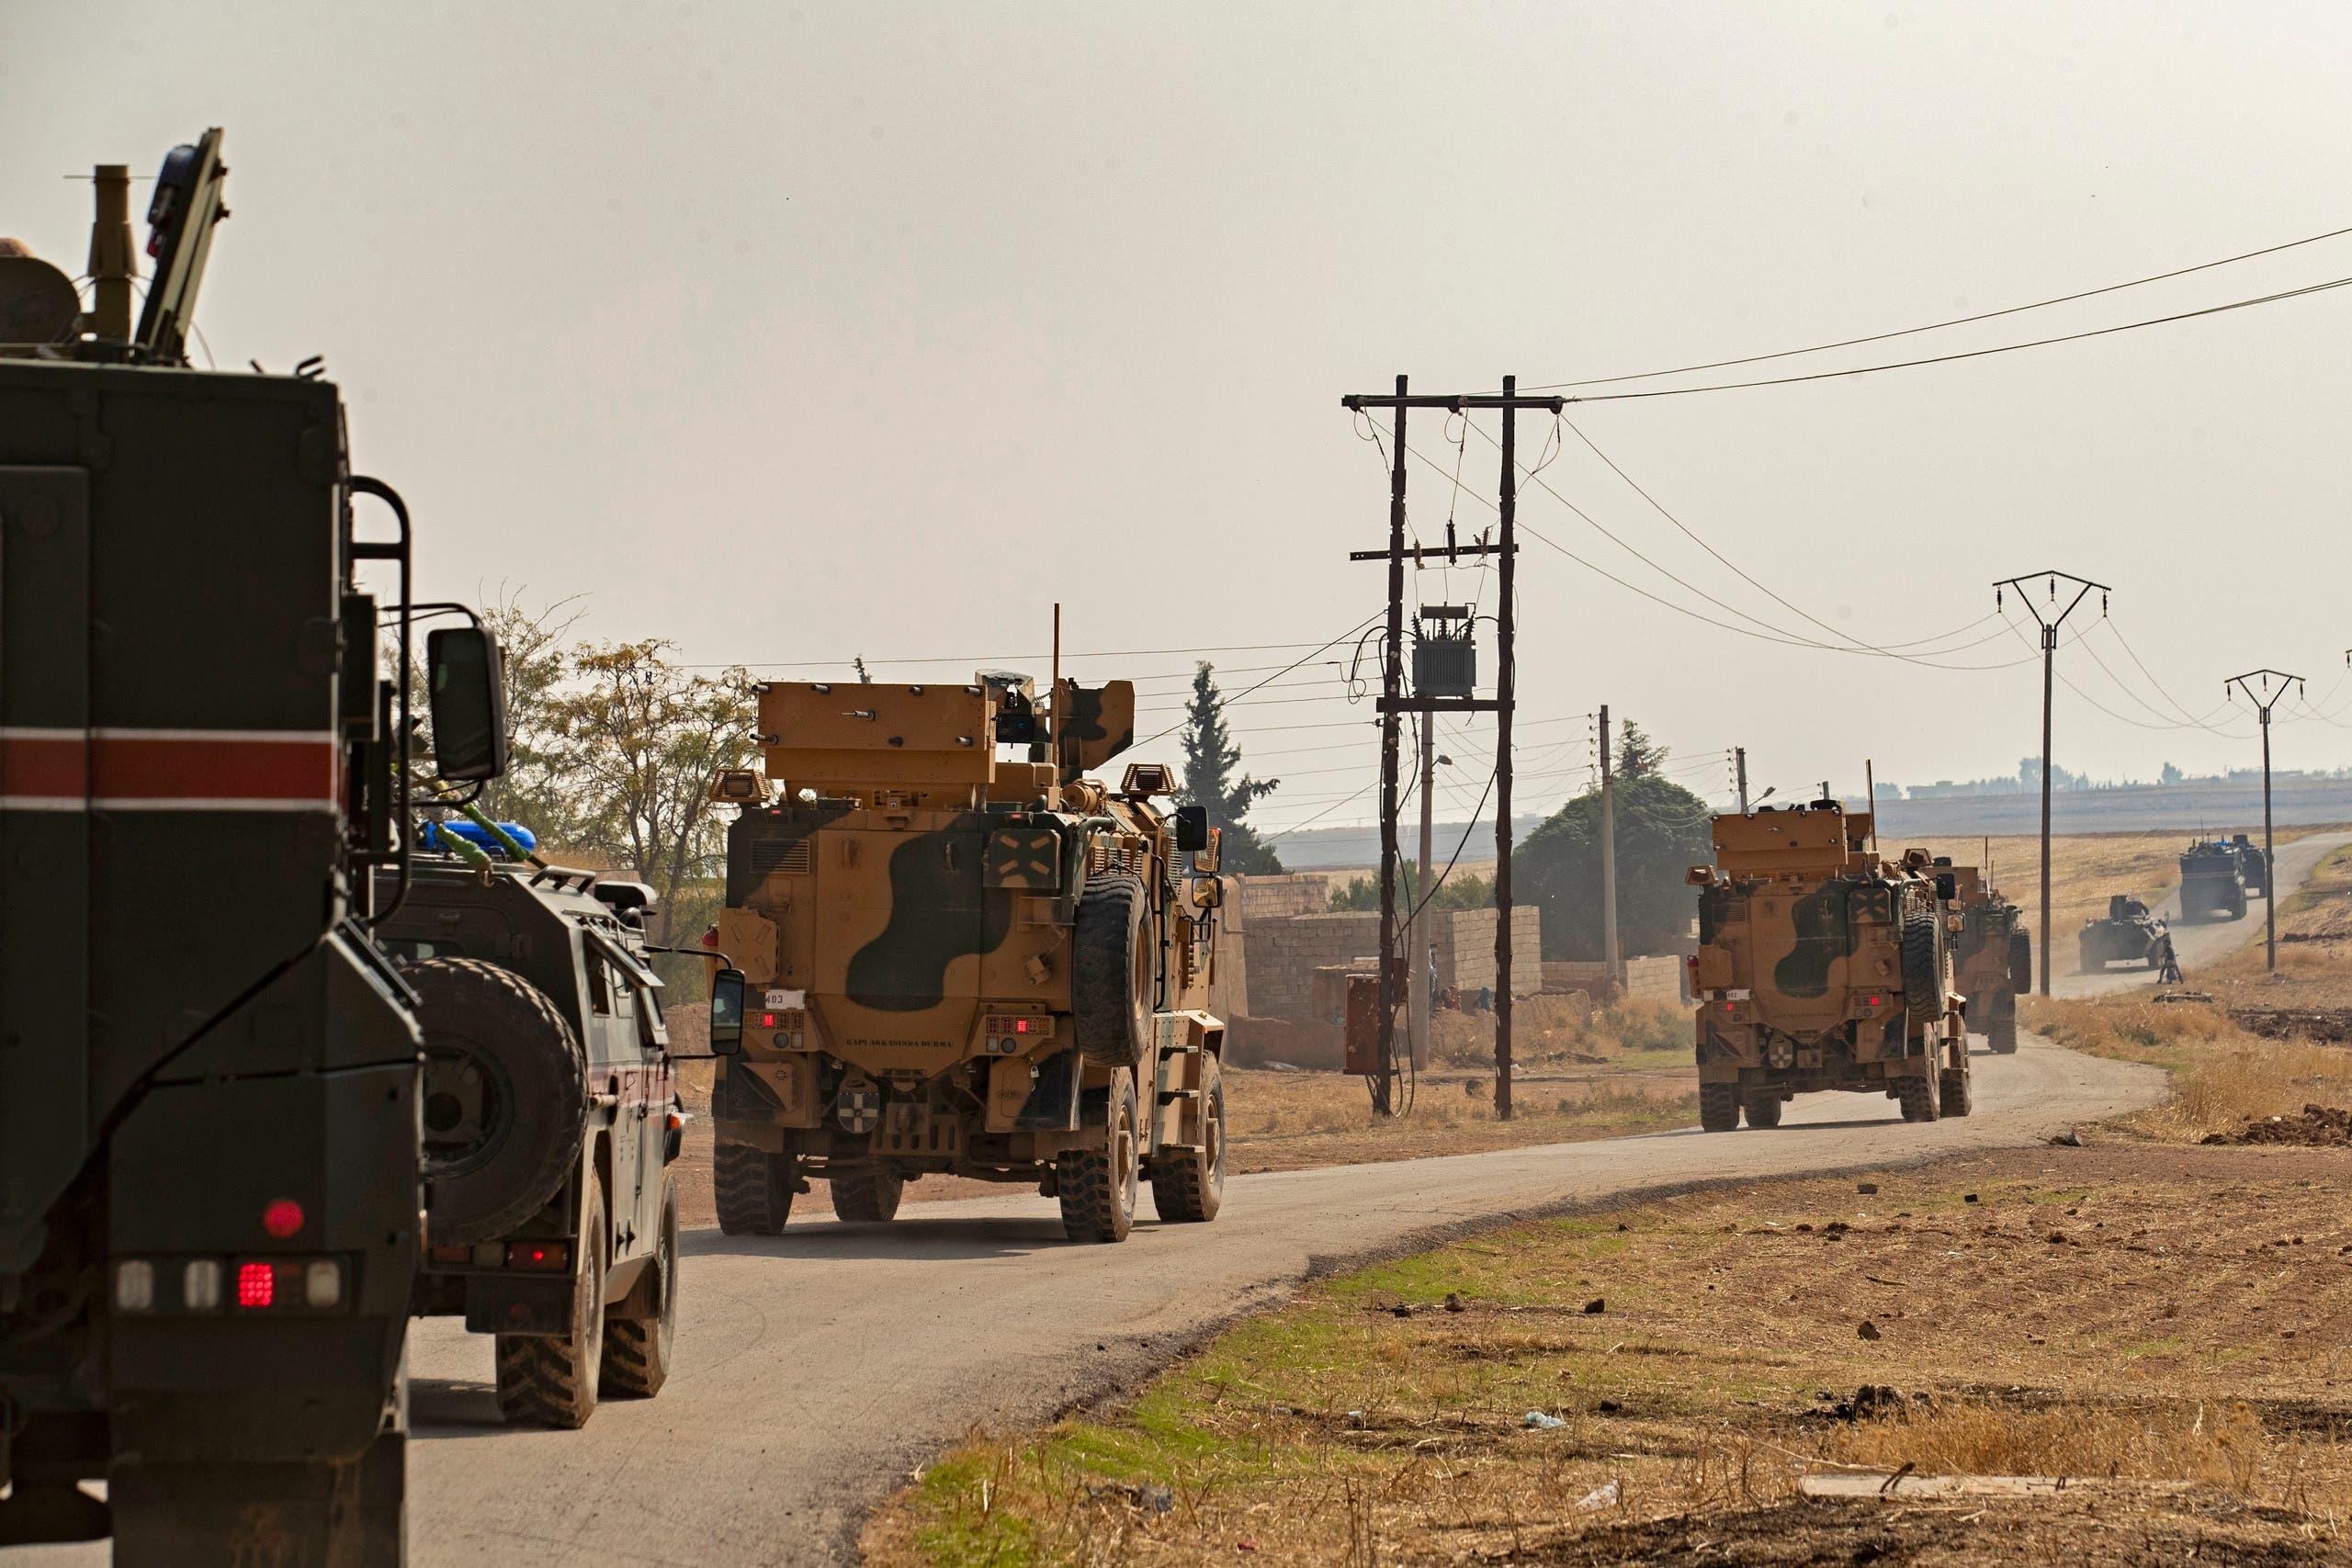 دوريات تركية روسية مشتركة في الدرباسية سوريا(فرانس برس)